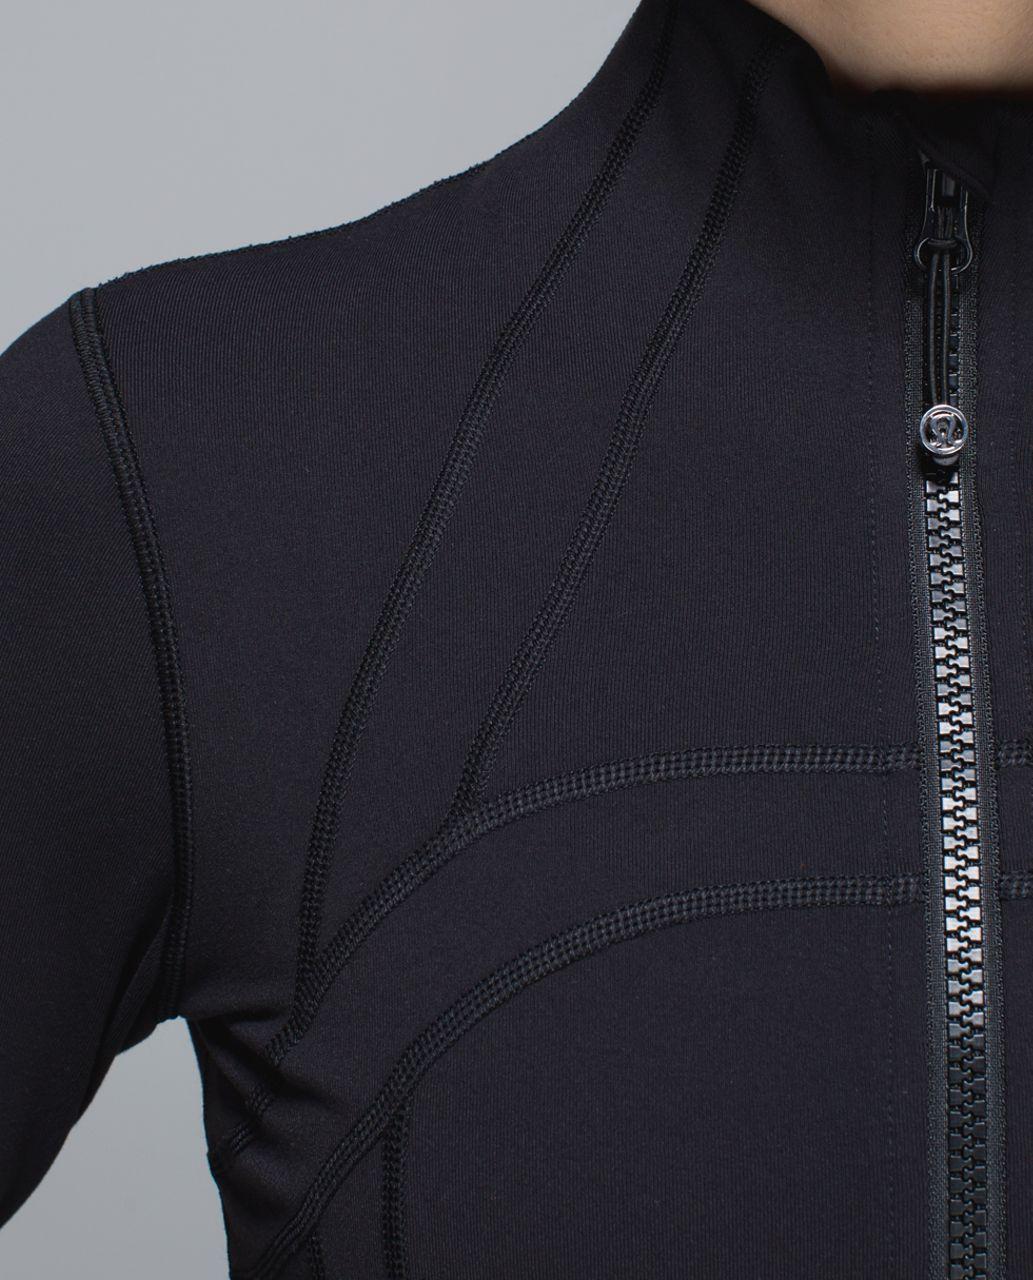 Lululemon Define Jacket - Black (First Release)